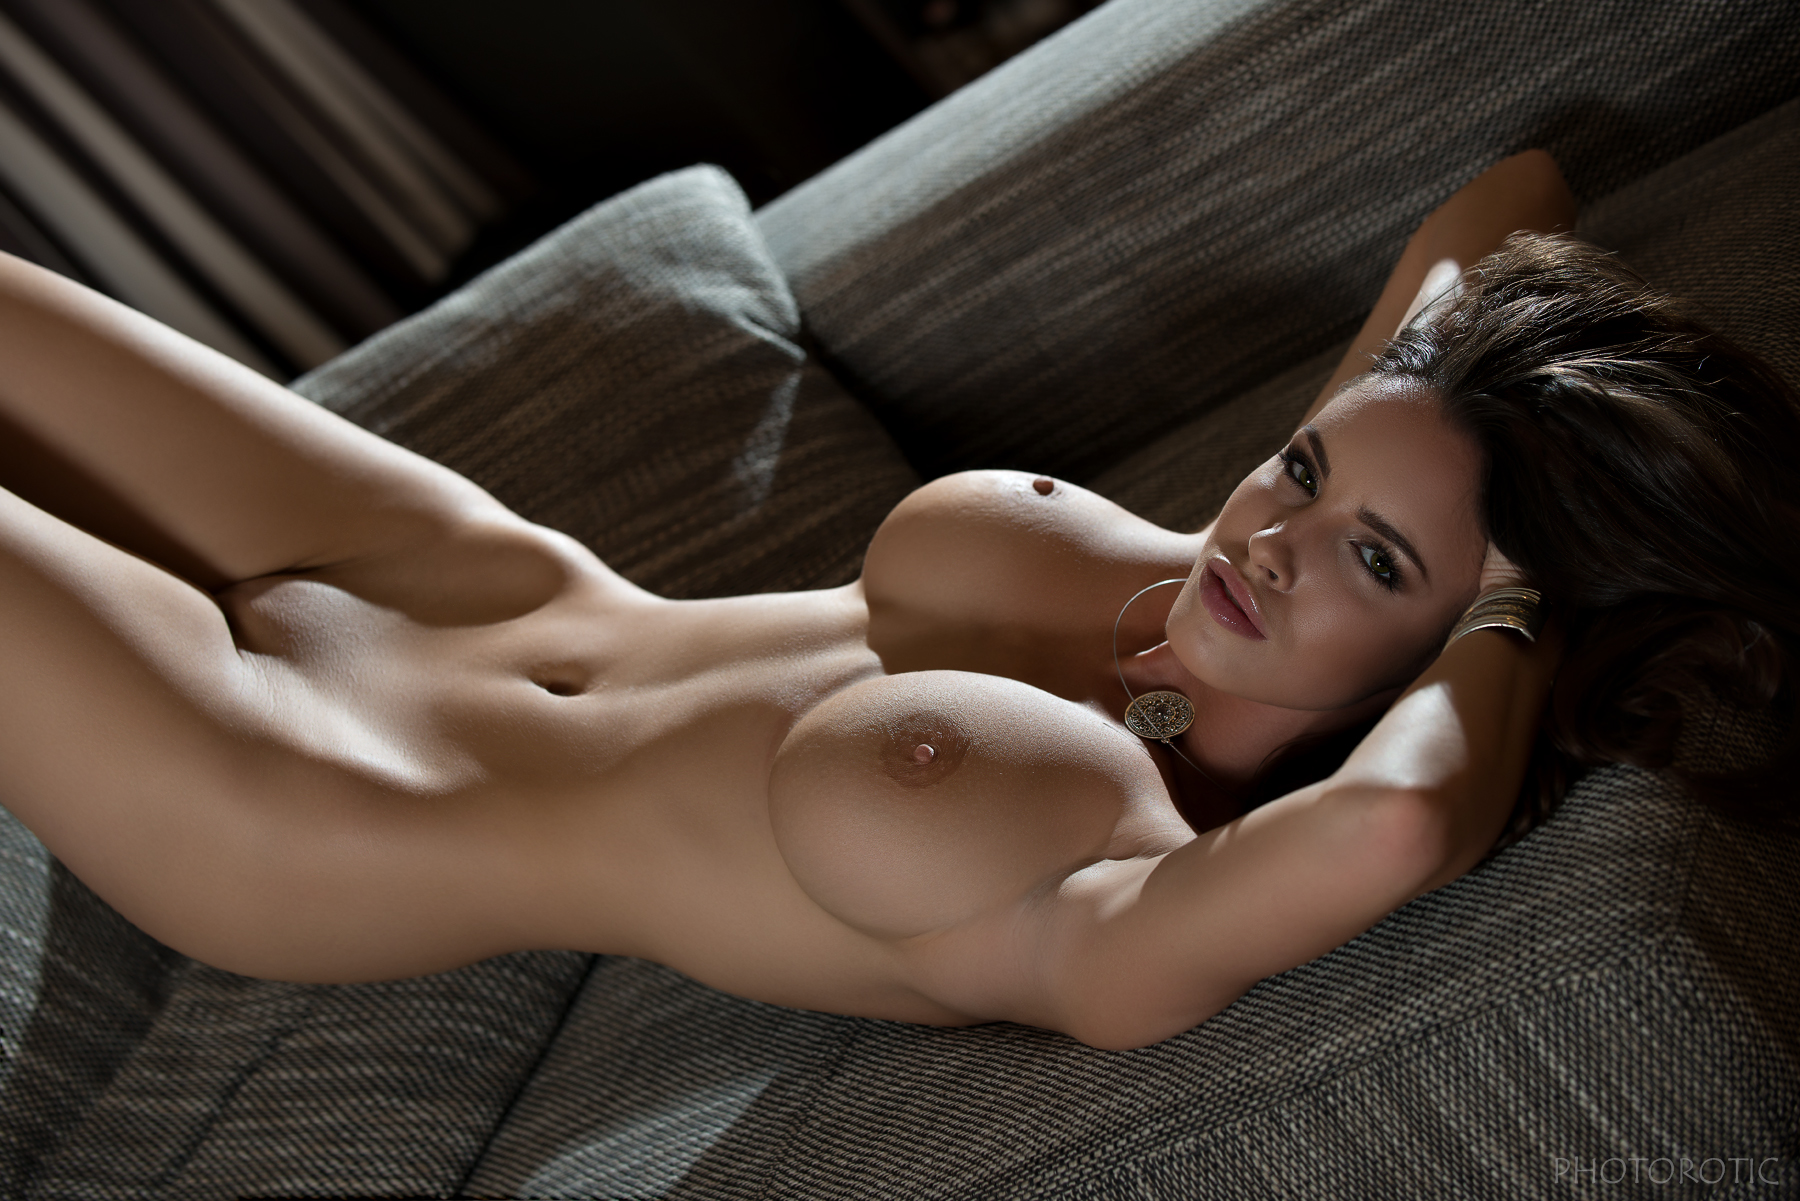 Ебутся полные самые сексуальные девушки в мире голыми наташей брюнеткой